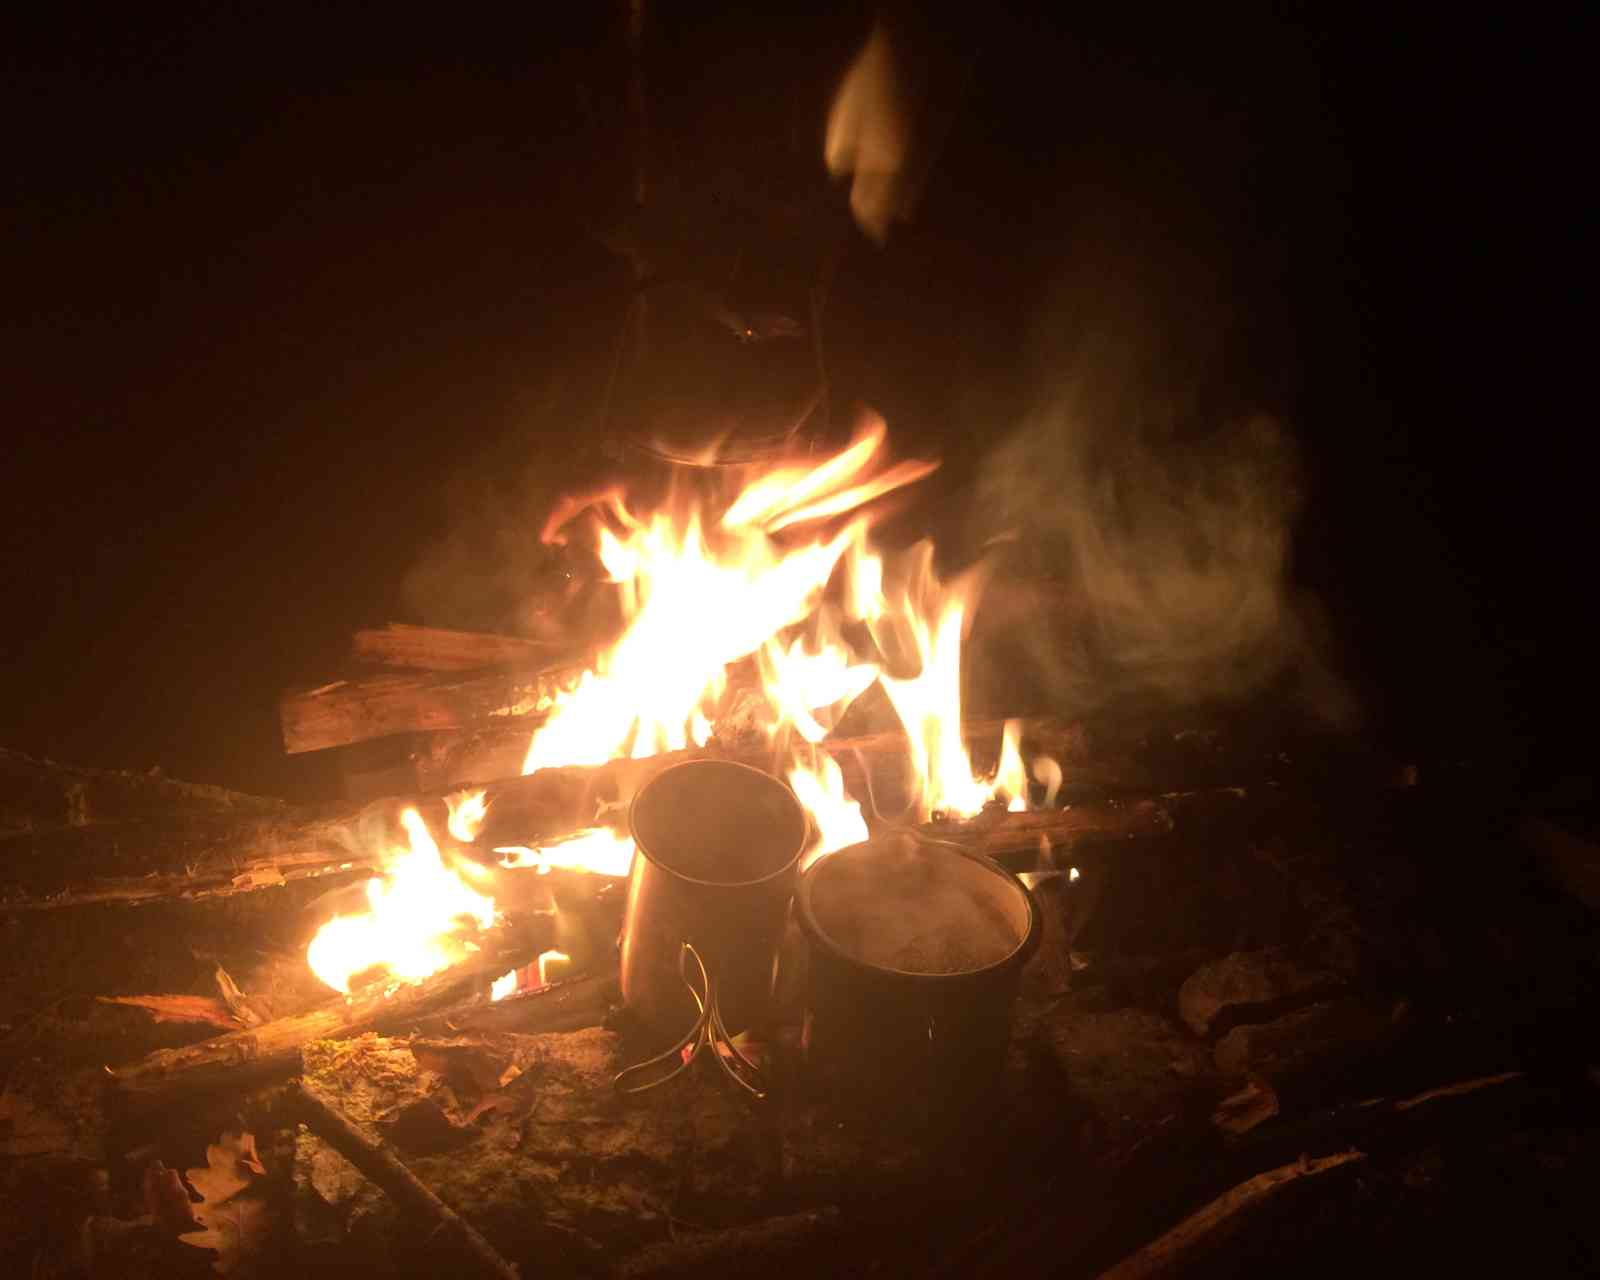 Eine scheißkalte Nacht - Feuer. Das Problemthema